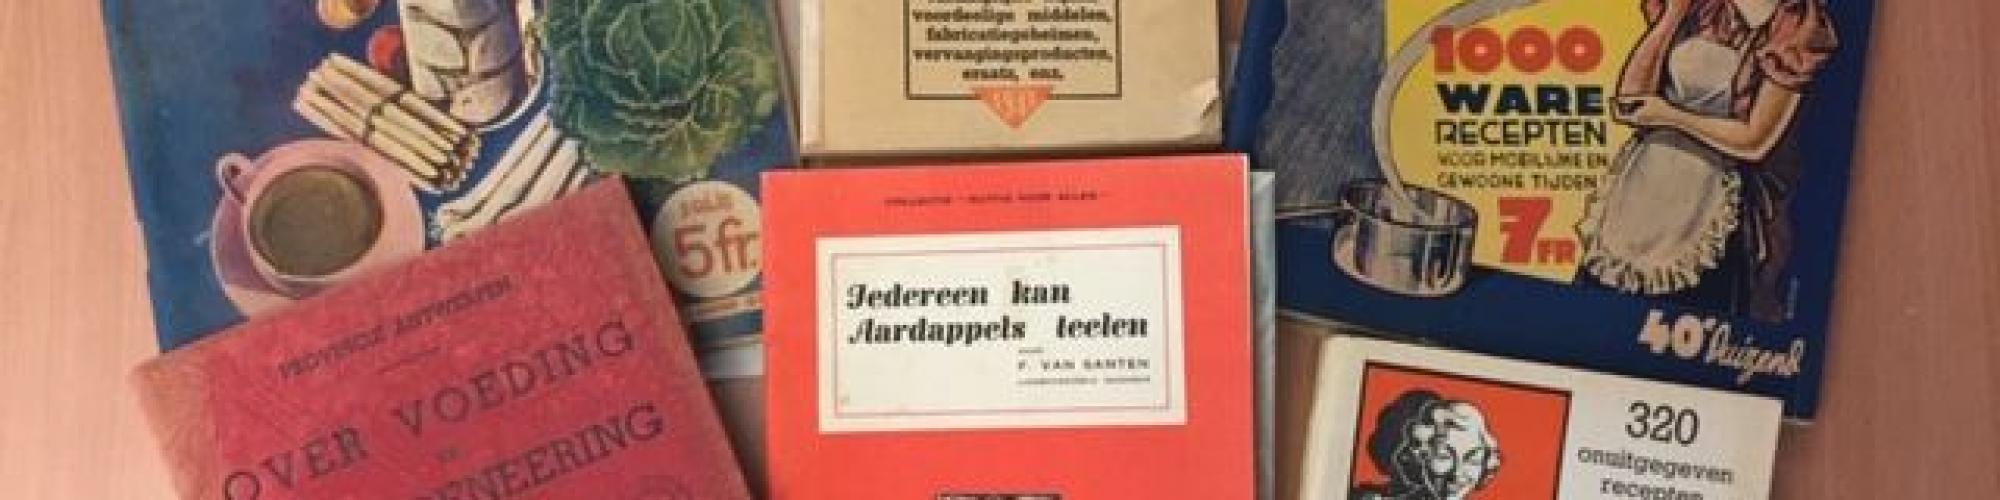 Kookboeken CegeSoma